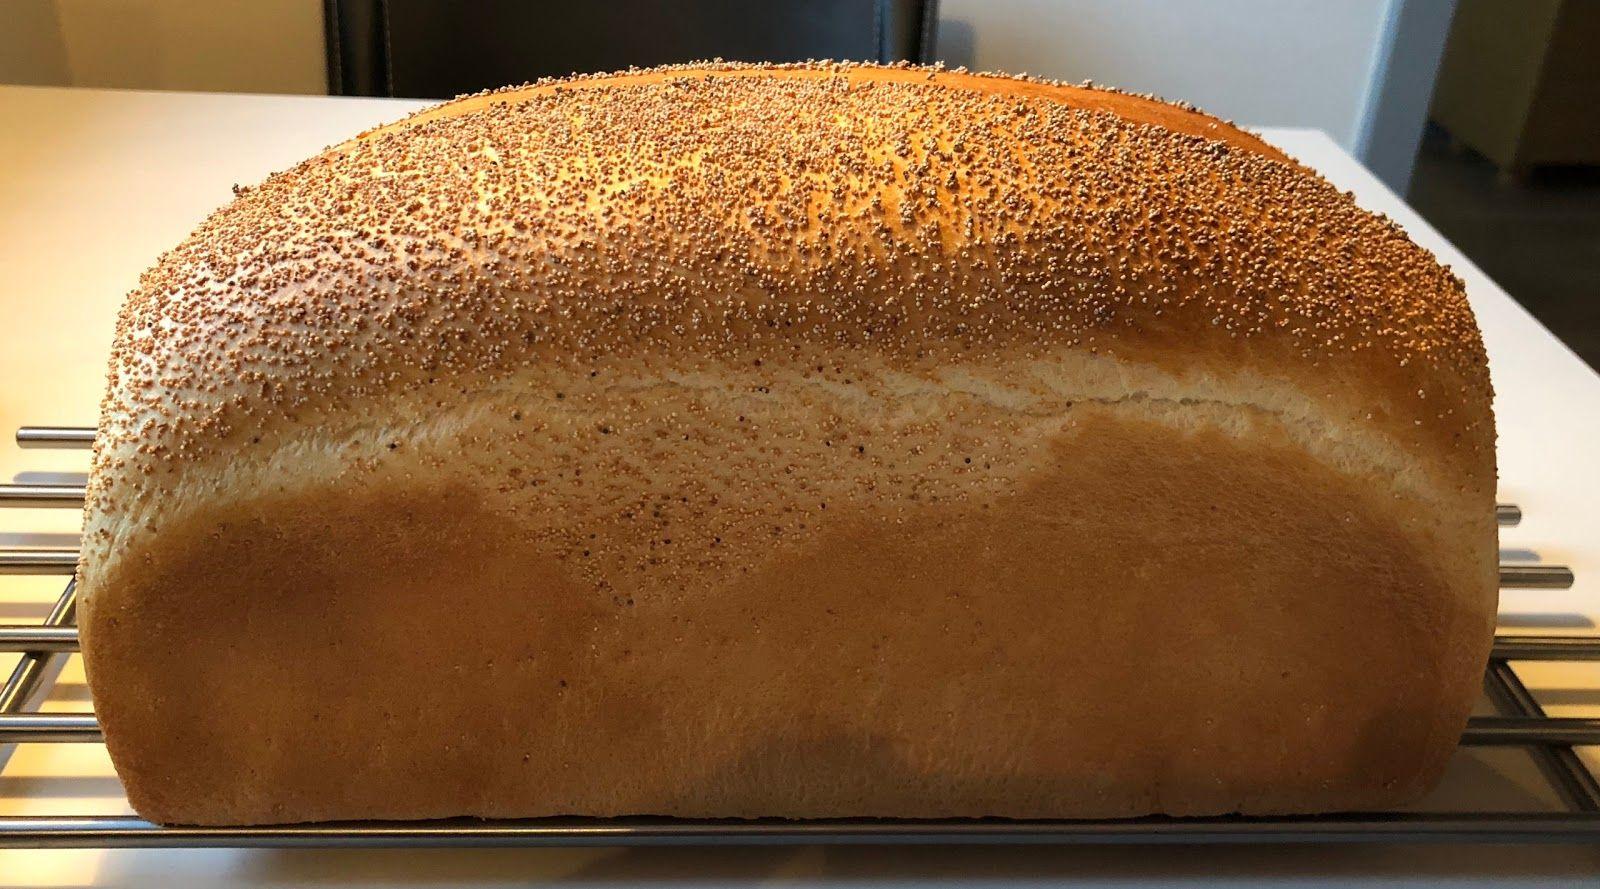 Hvid Hvede Formbrød Bagt I Brødform Ingredienser Til ét Brød